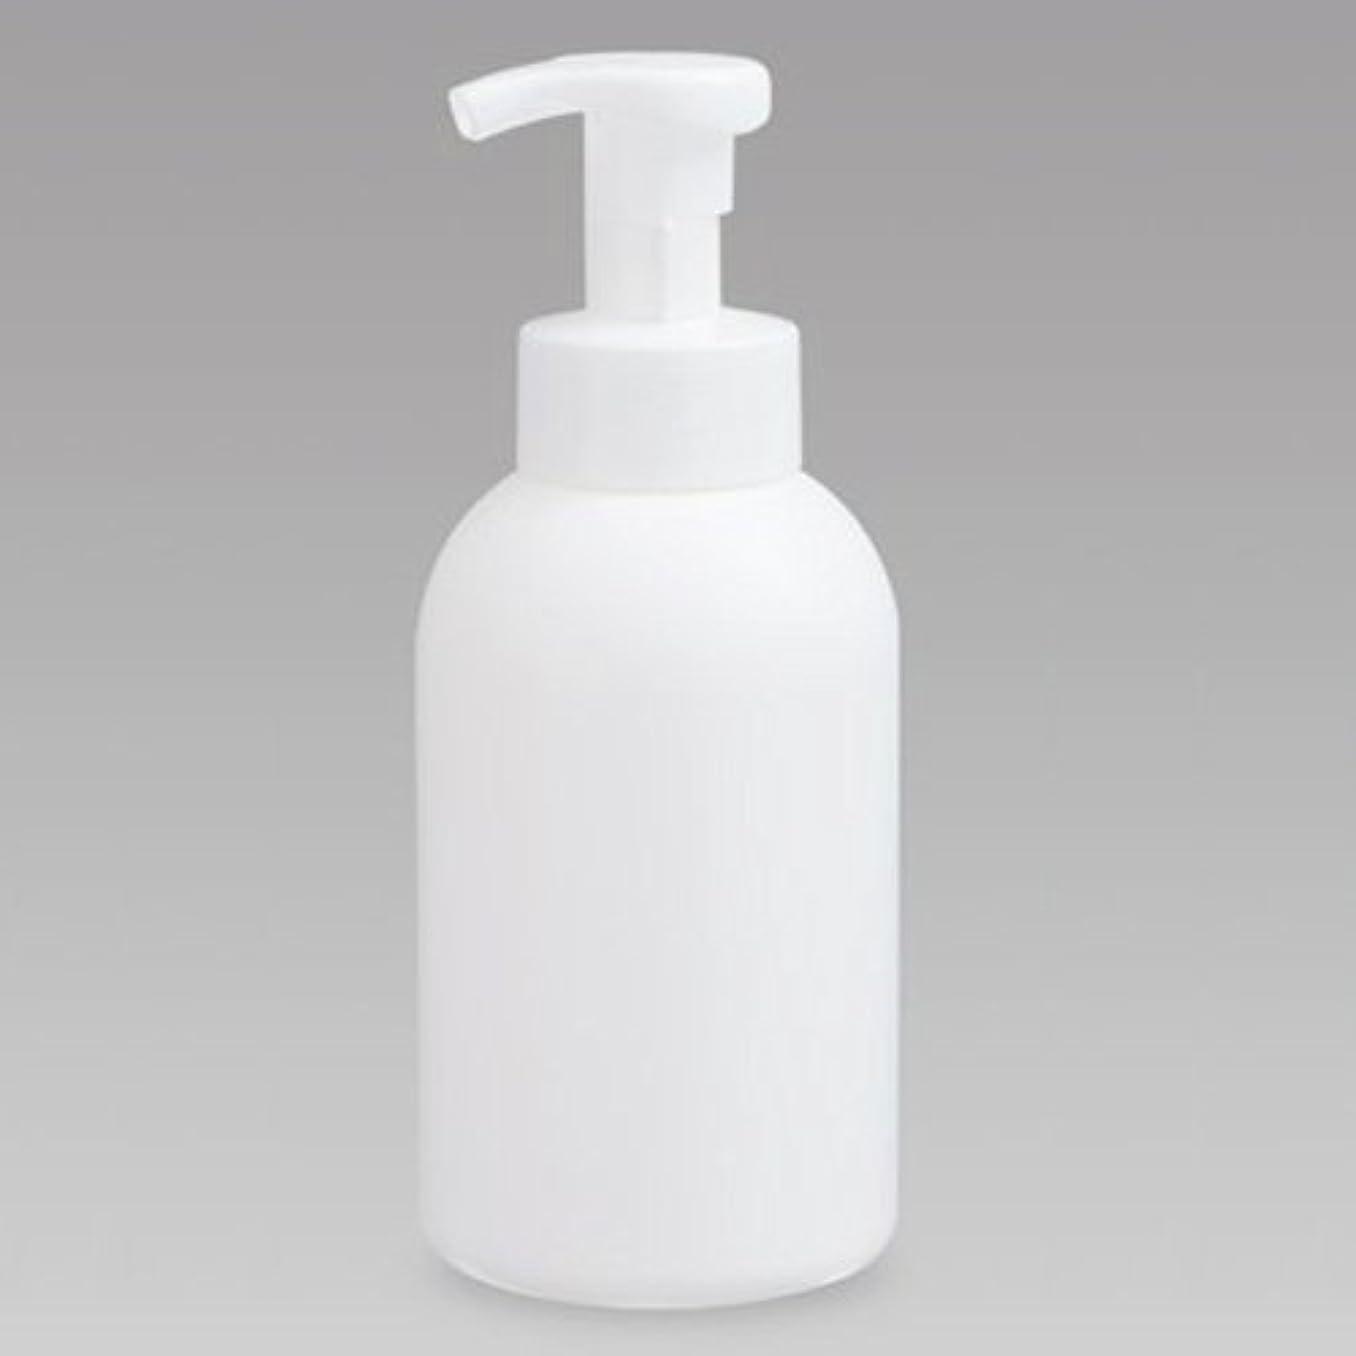 事業餌静かな泡ボトル 泡ポンプボトル 500mL(PE) ホワイト 詰め替え 詰替 泡ハンドソープ 全身石鹸 ボディソープ 洗顔フォーム